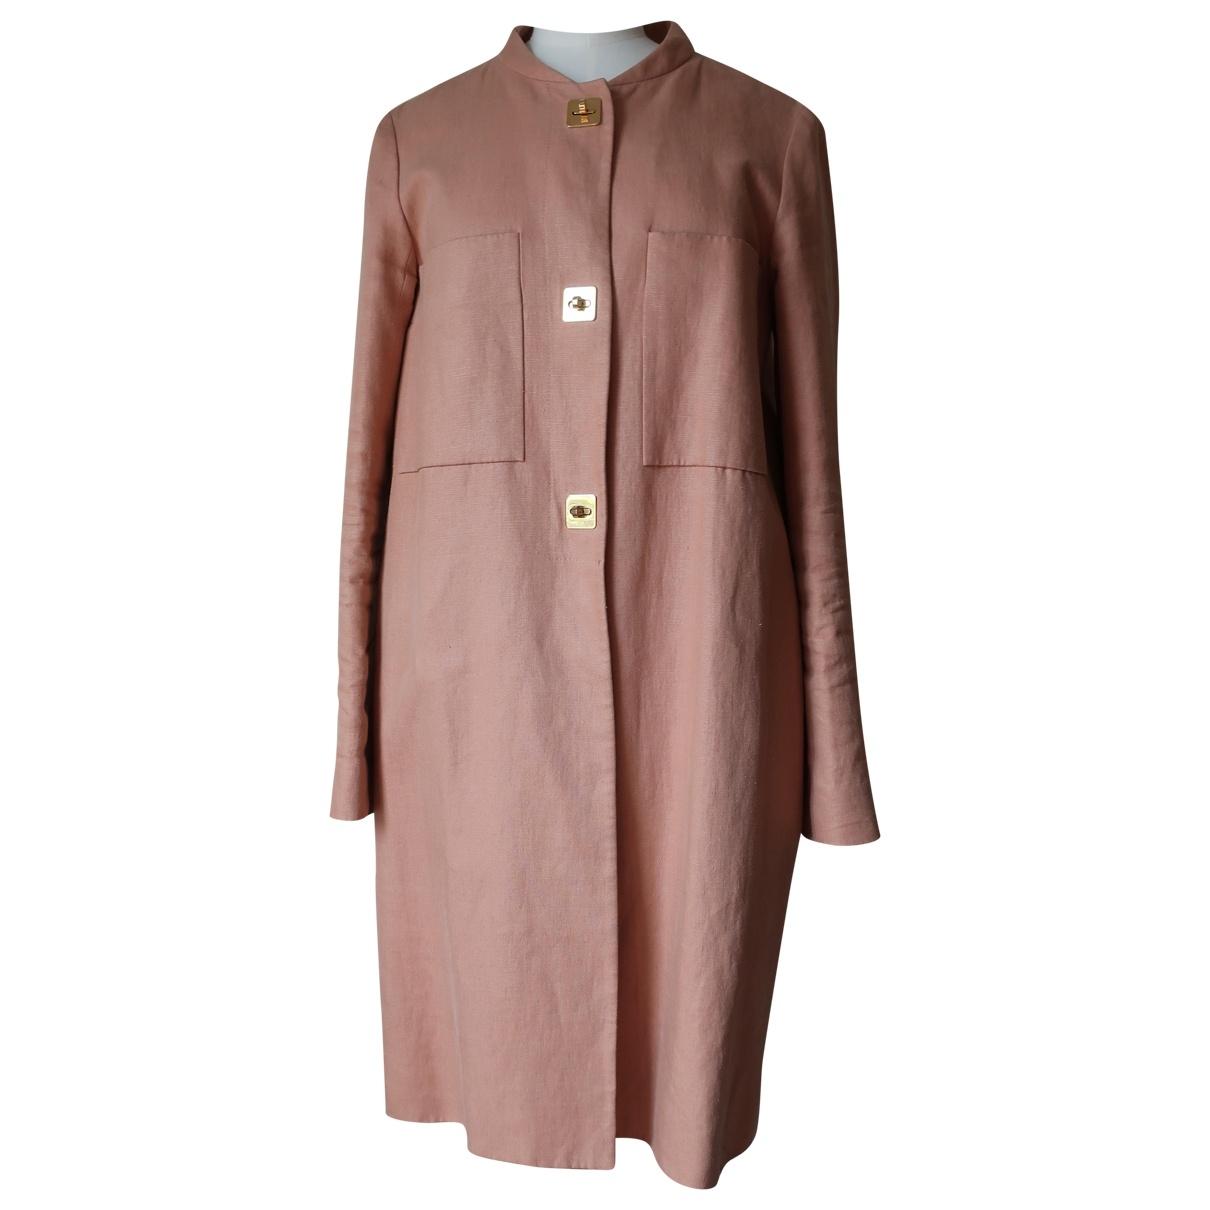 Chloé \N Beige Linen coat for Women 36 FR